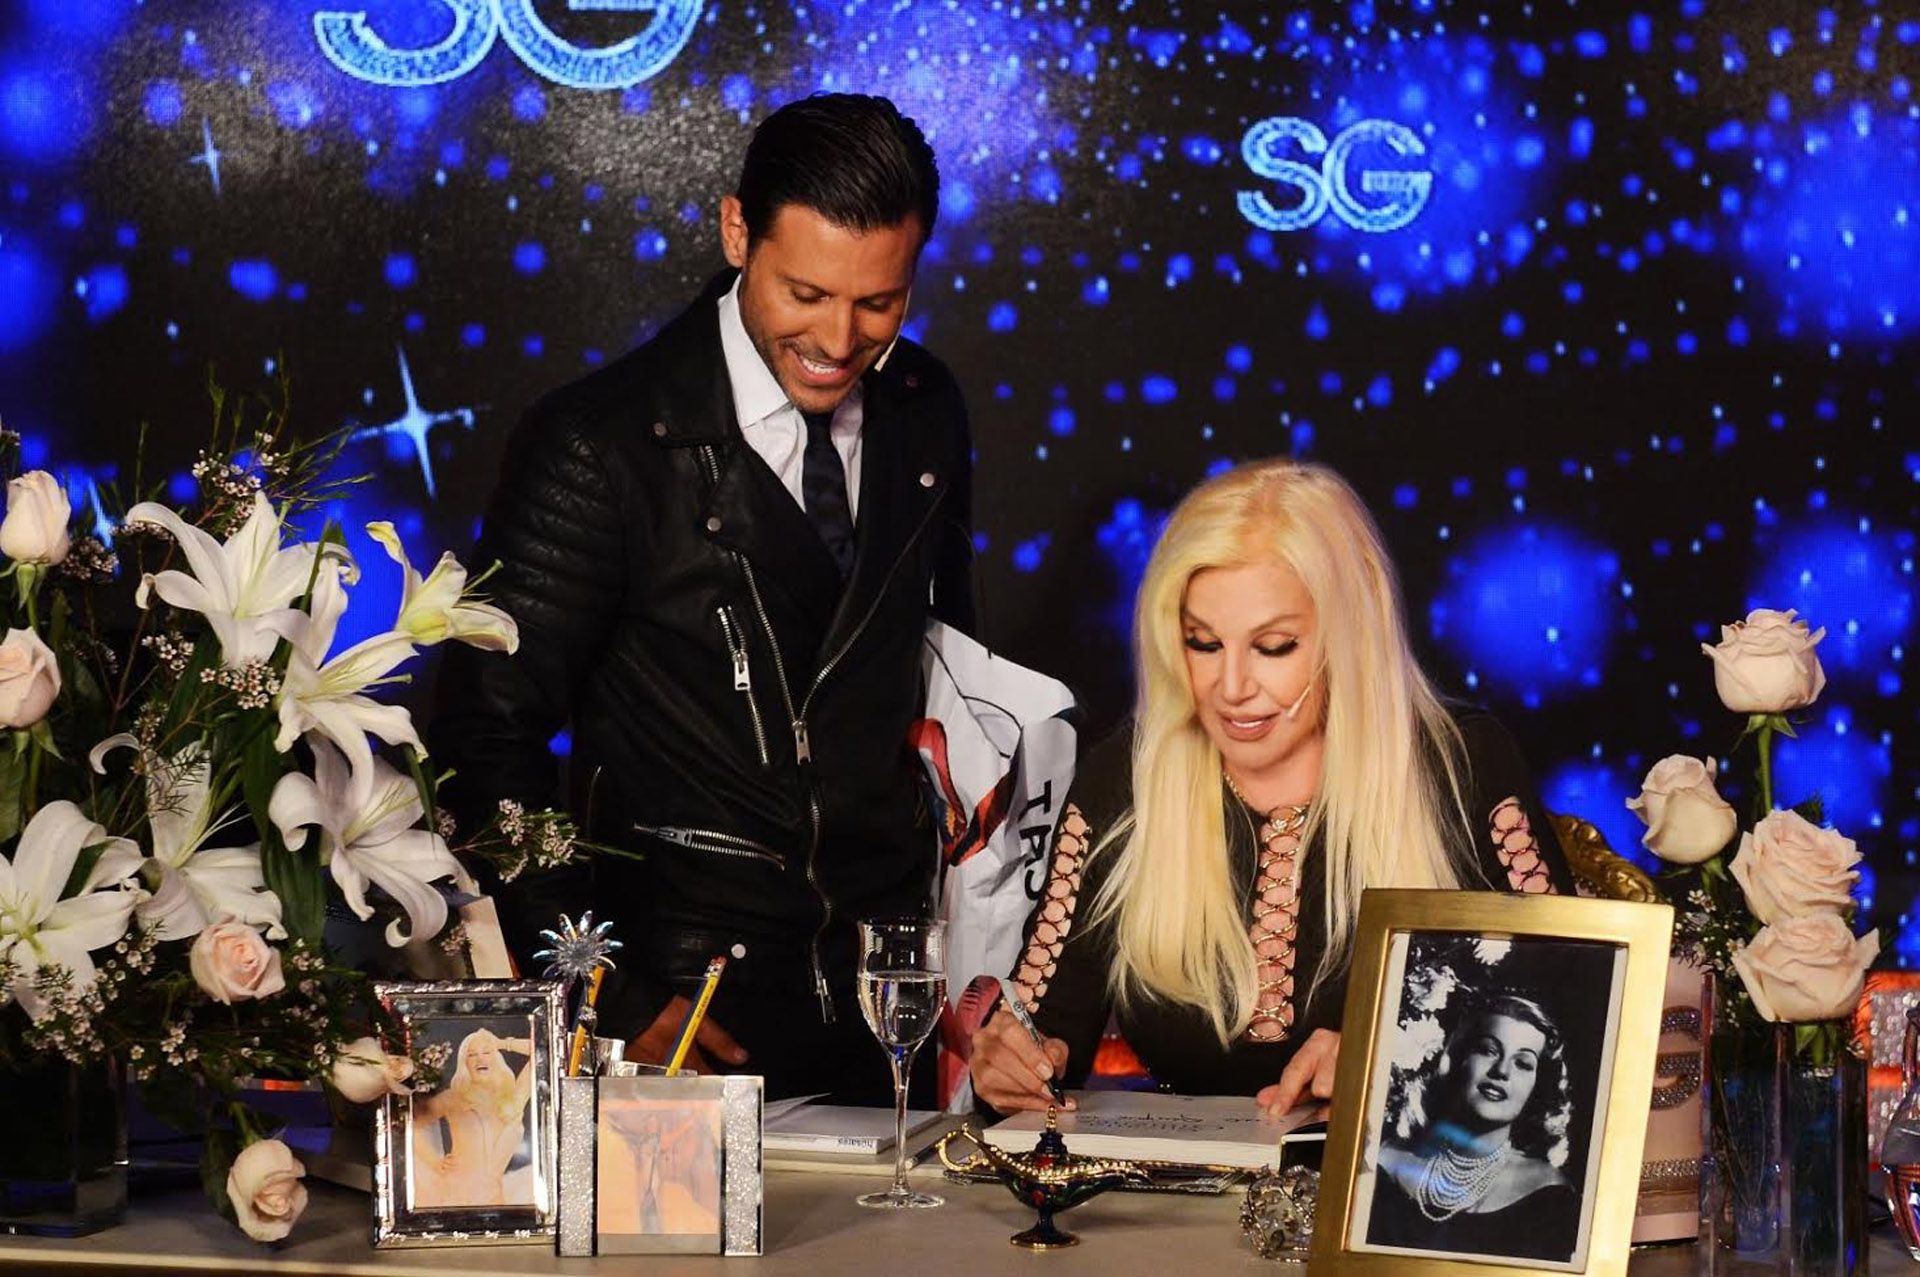 La producción advirtió que los premios del programa son únicamente anunciados por la propia Susana en cámara